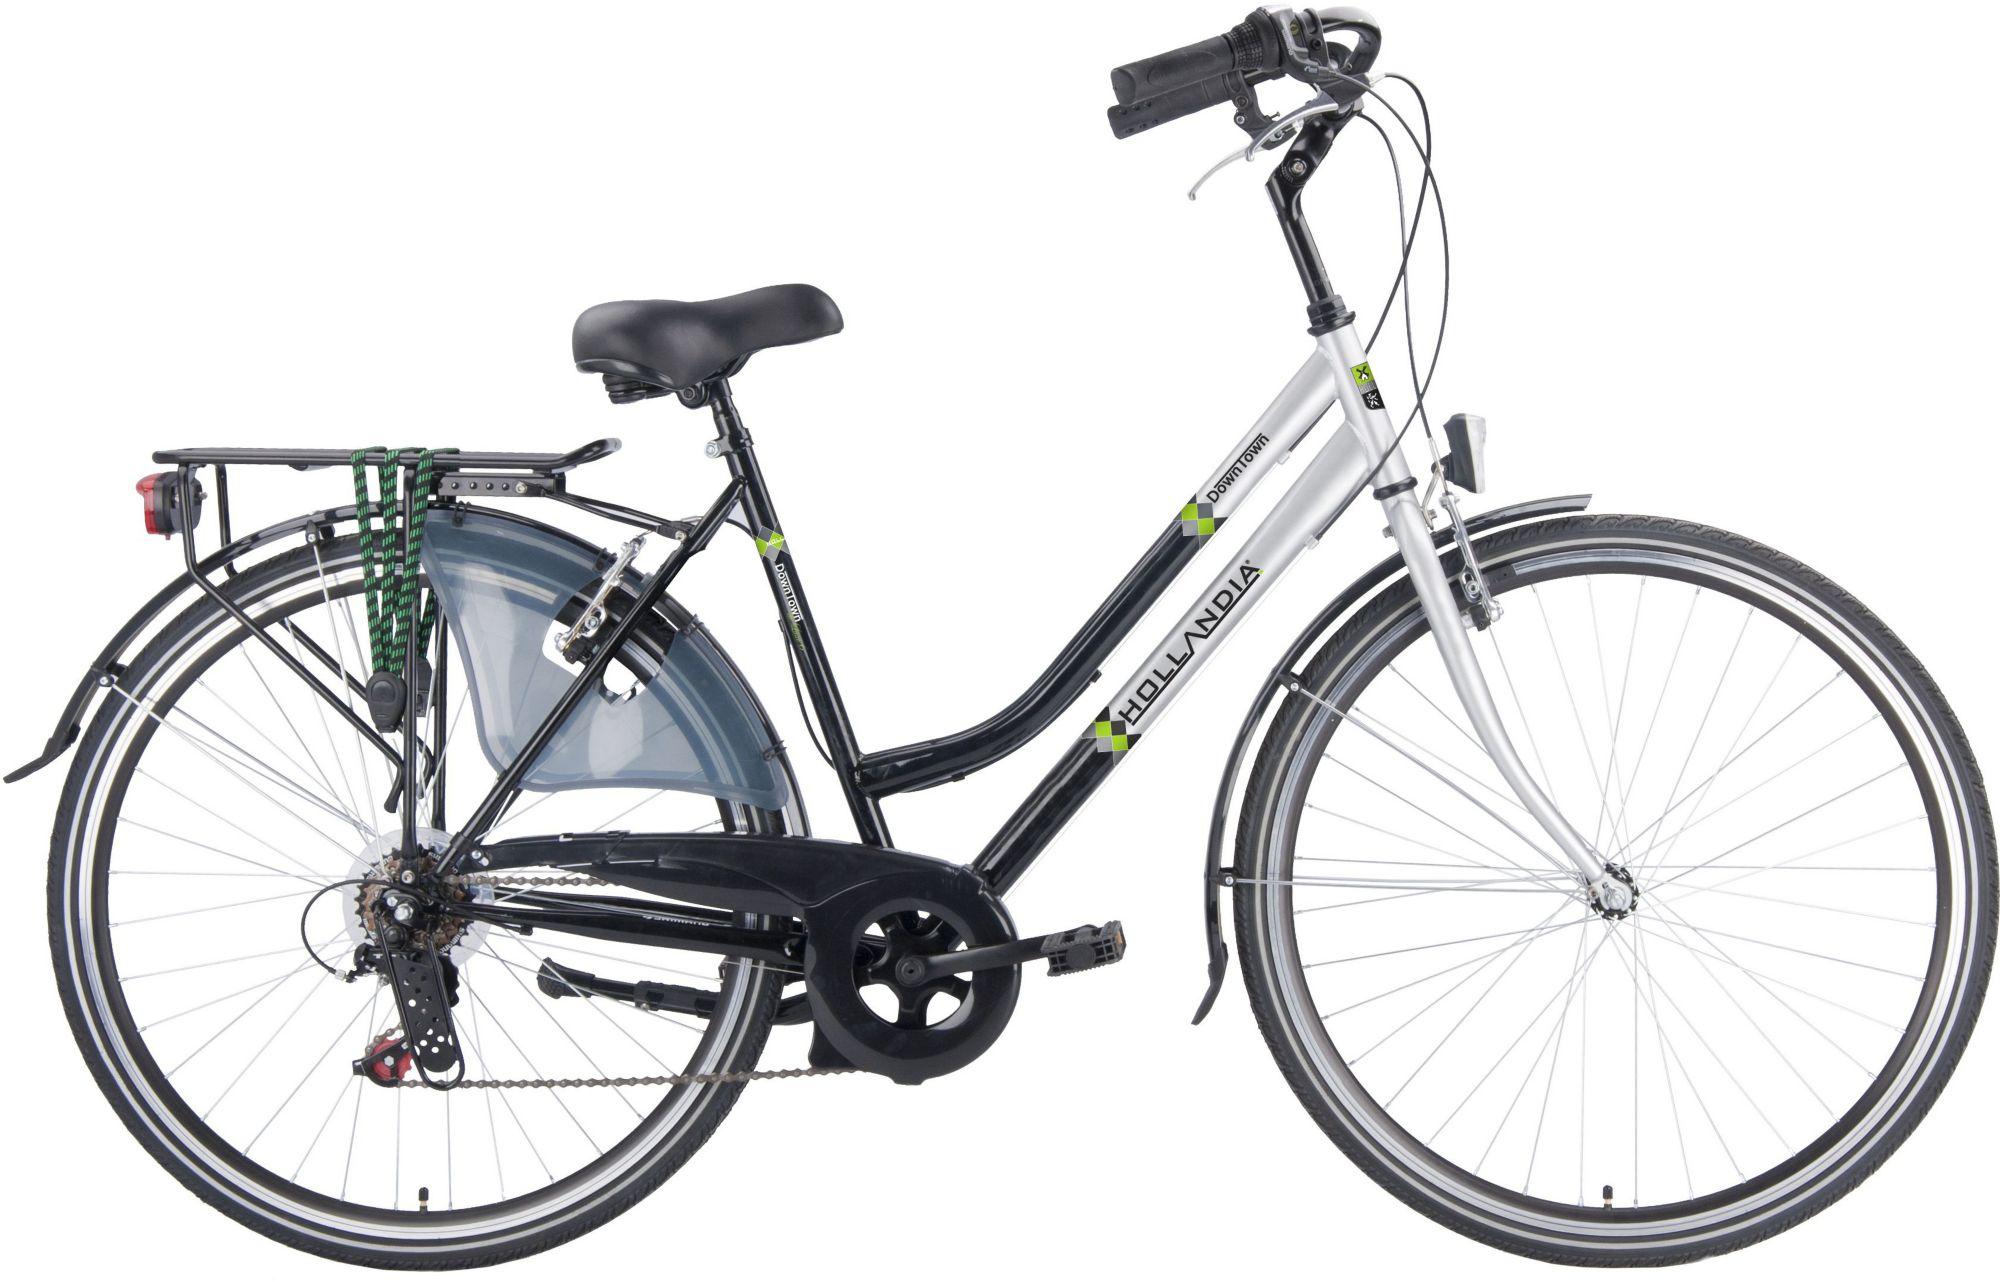 HOLLANDIA Hollandia Damen Citybike, 28 Zoll, 6 Gang Shimano Kettenschaltung, »City Comfort«